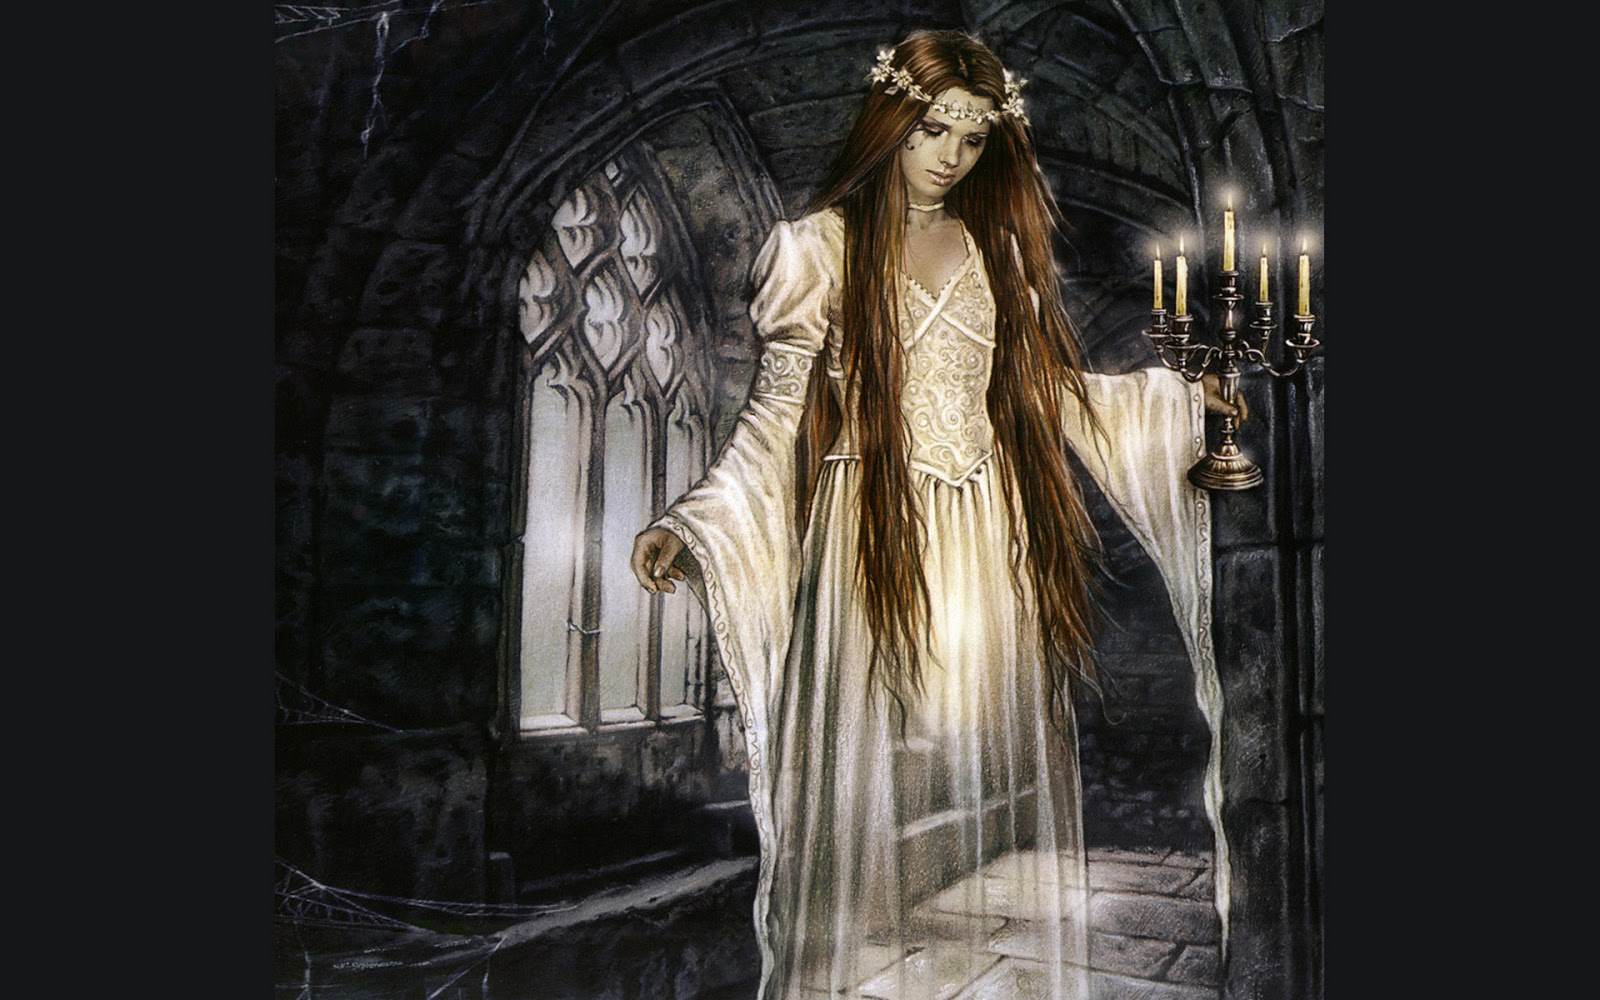 Xxx vampire ghost image sex galleries